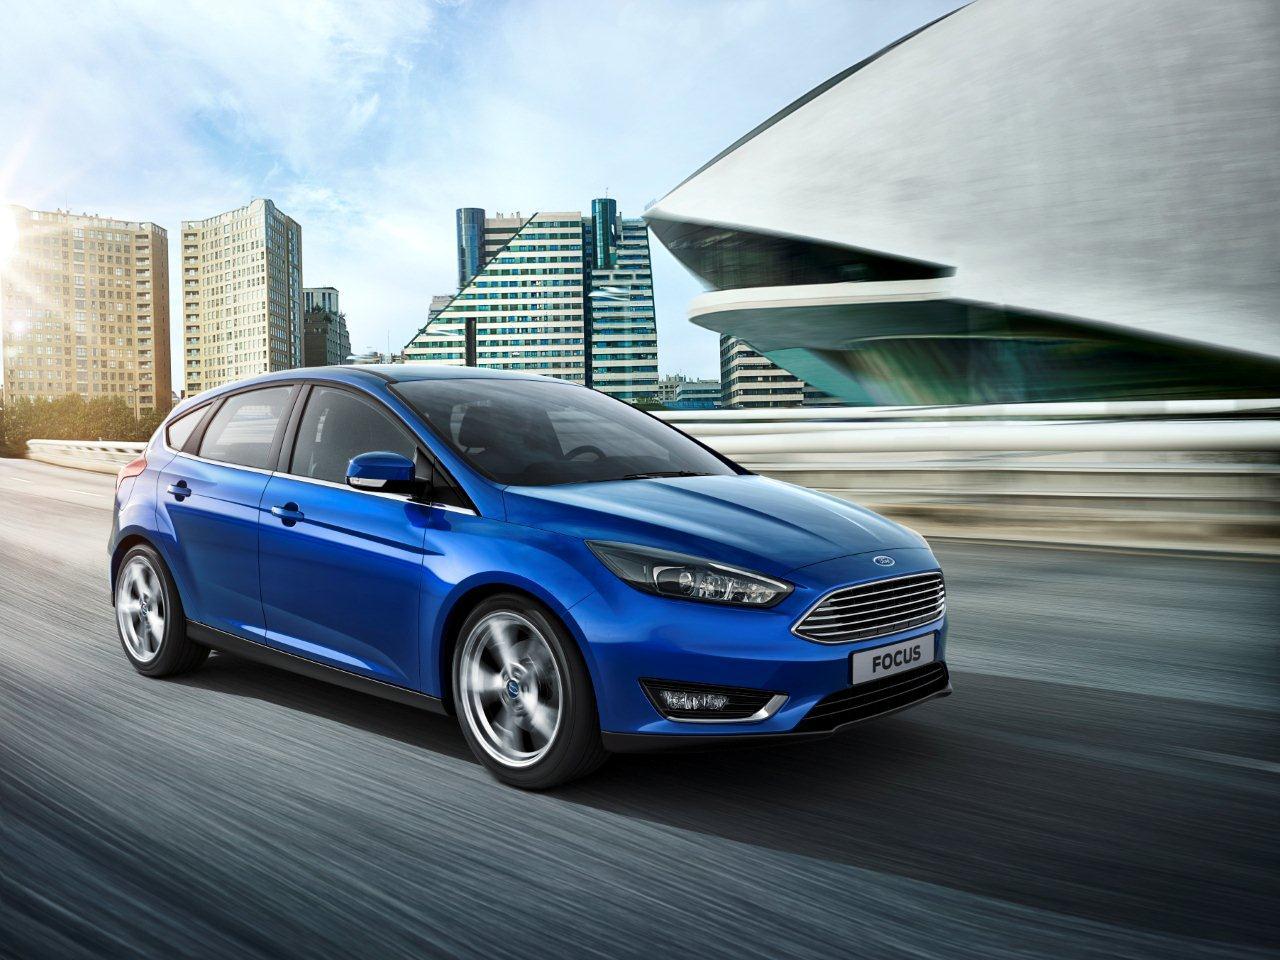 Nuova Ford Focus, concentrato di tecnologia